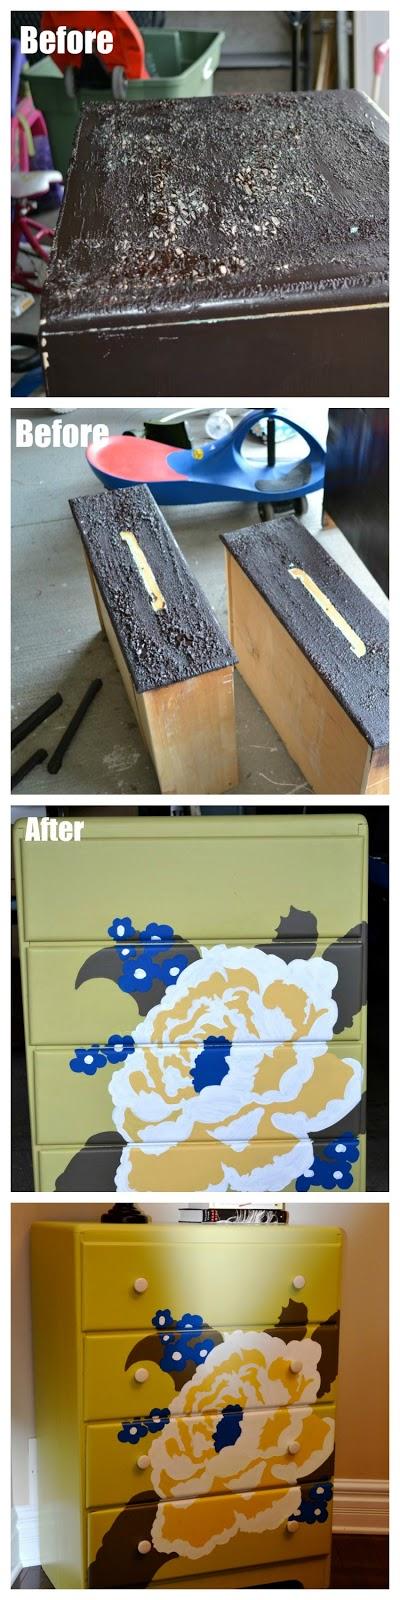 Tallboy makeover, dresser makeover, painted dresser, painted tallboy, refinished furniture